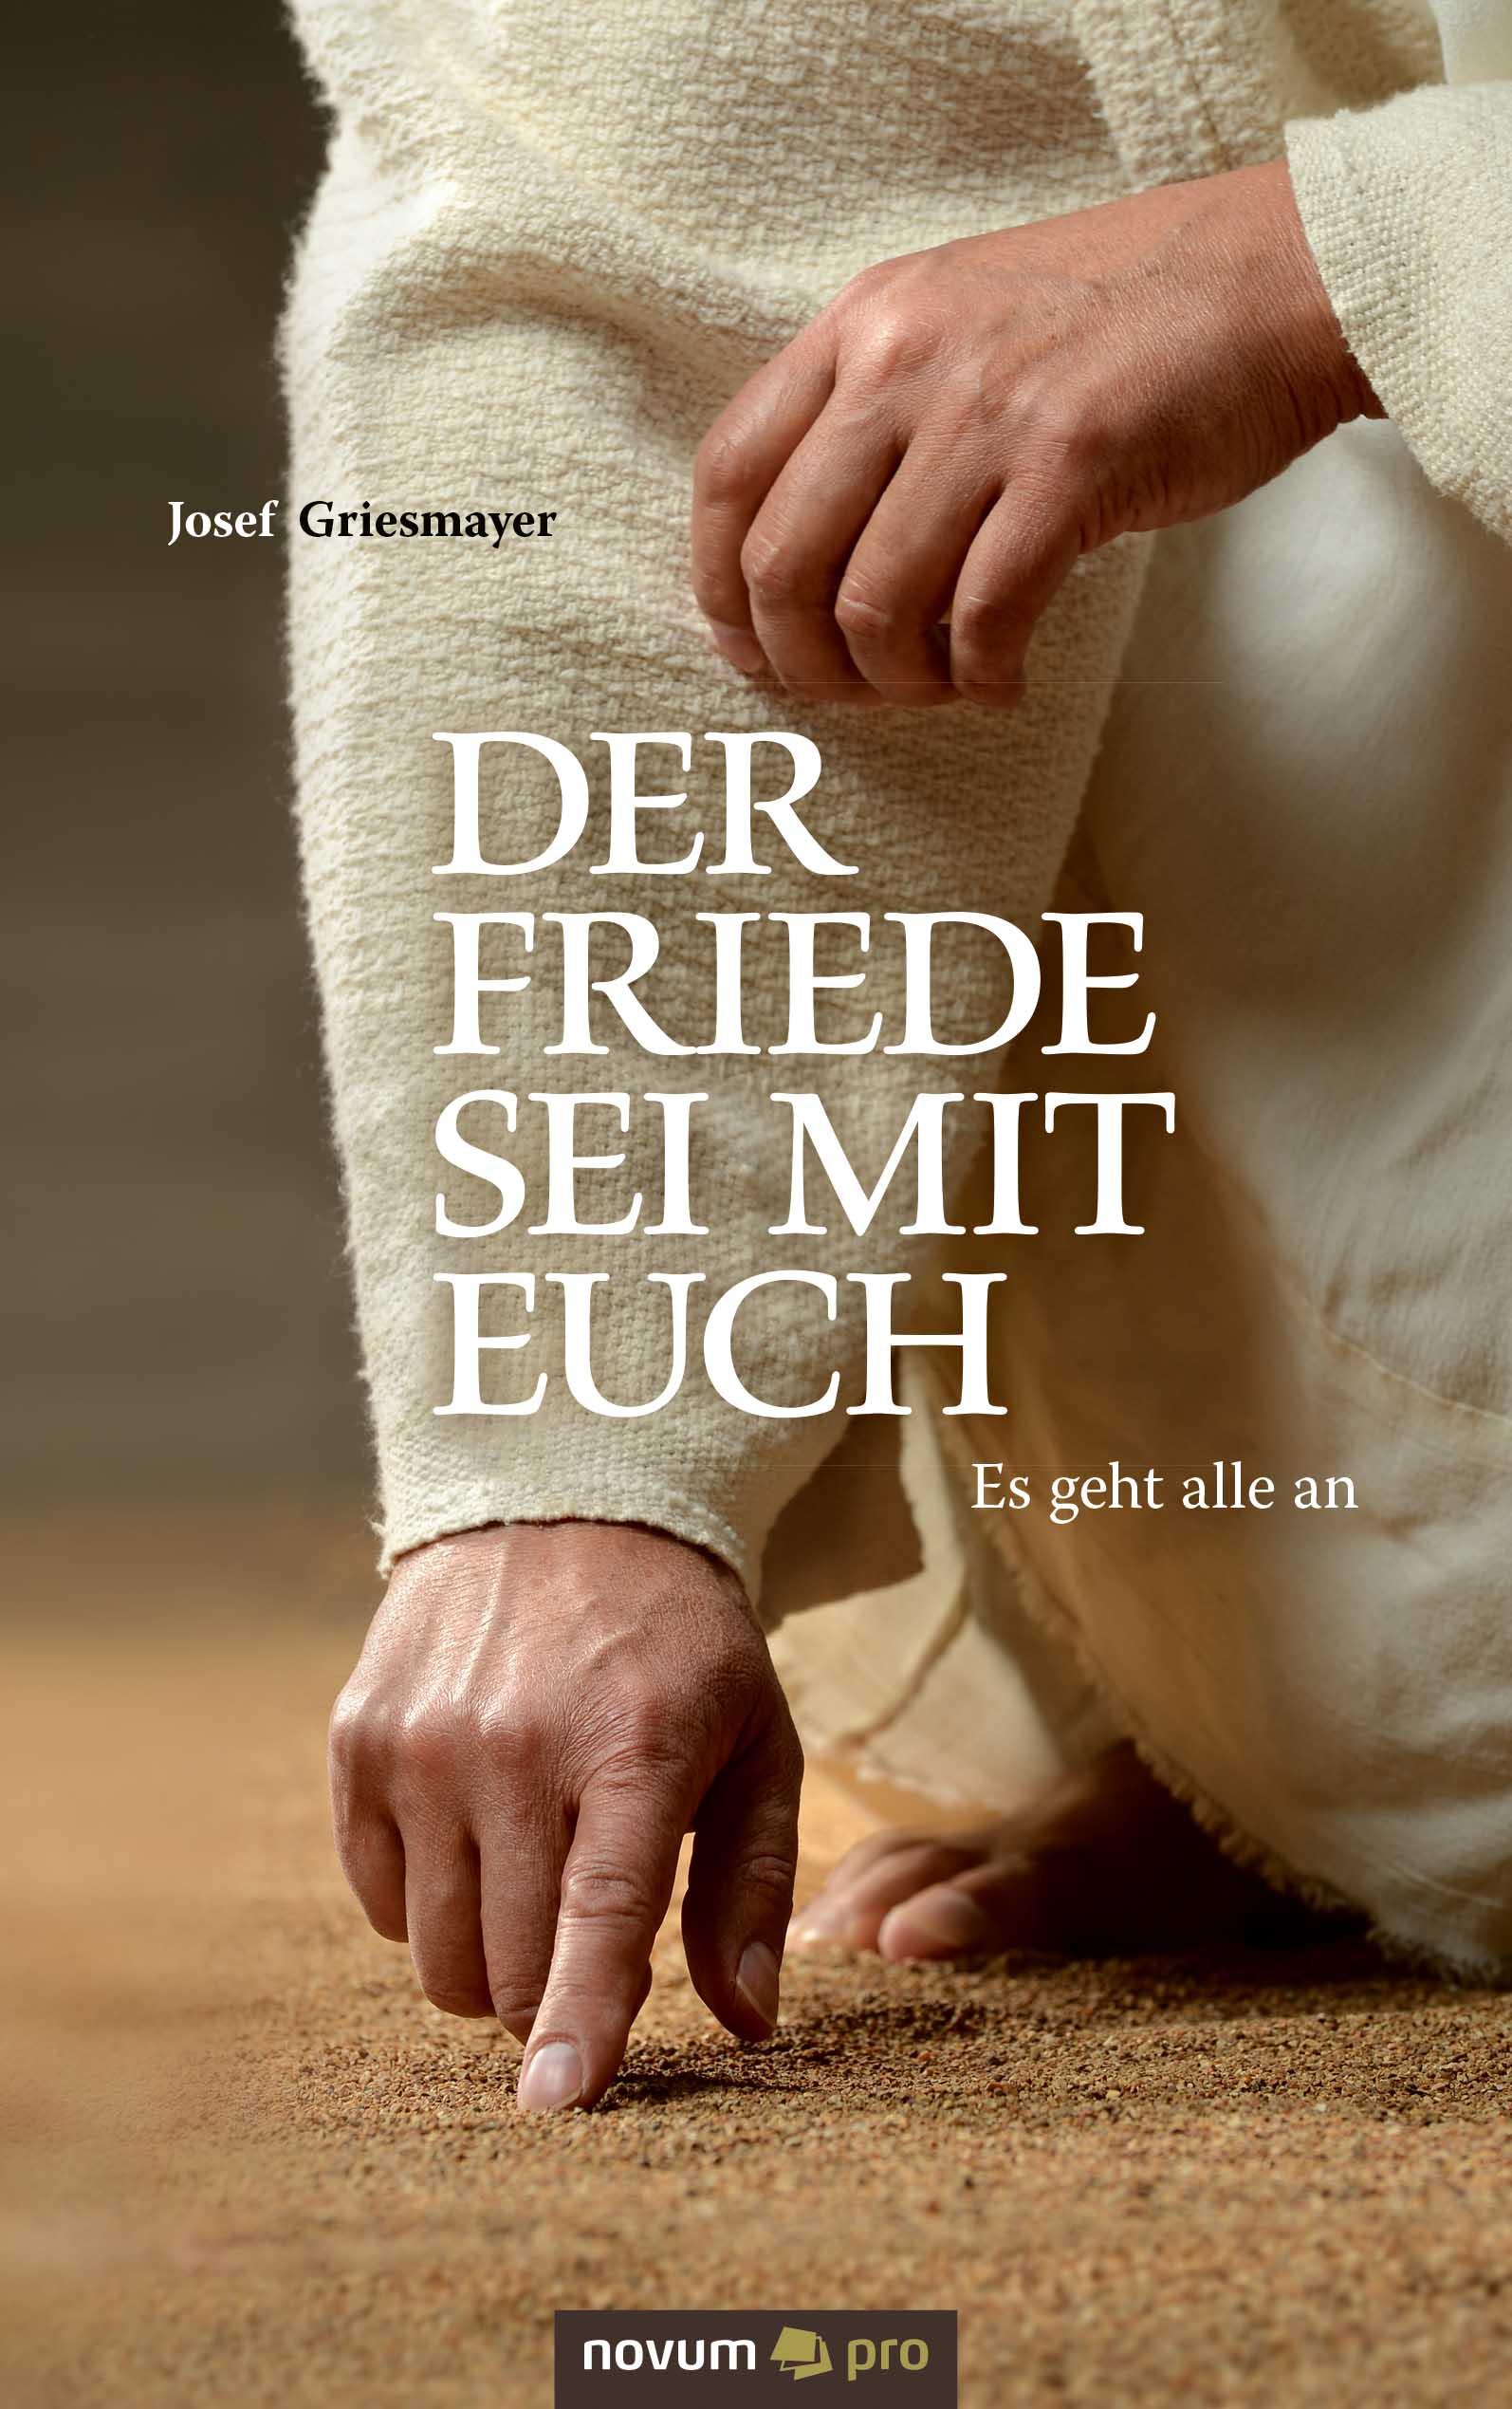 Josef Griesmayer Der Friede sei mit euch